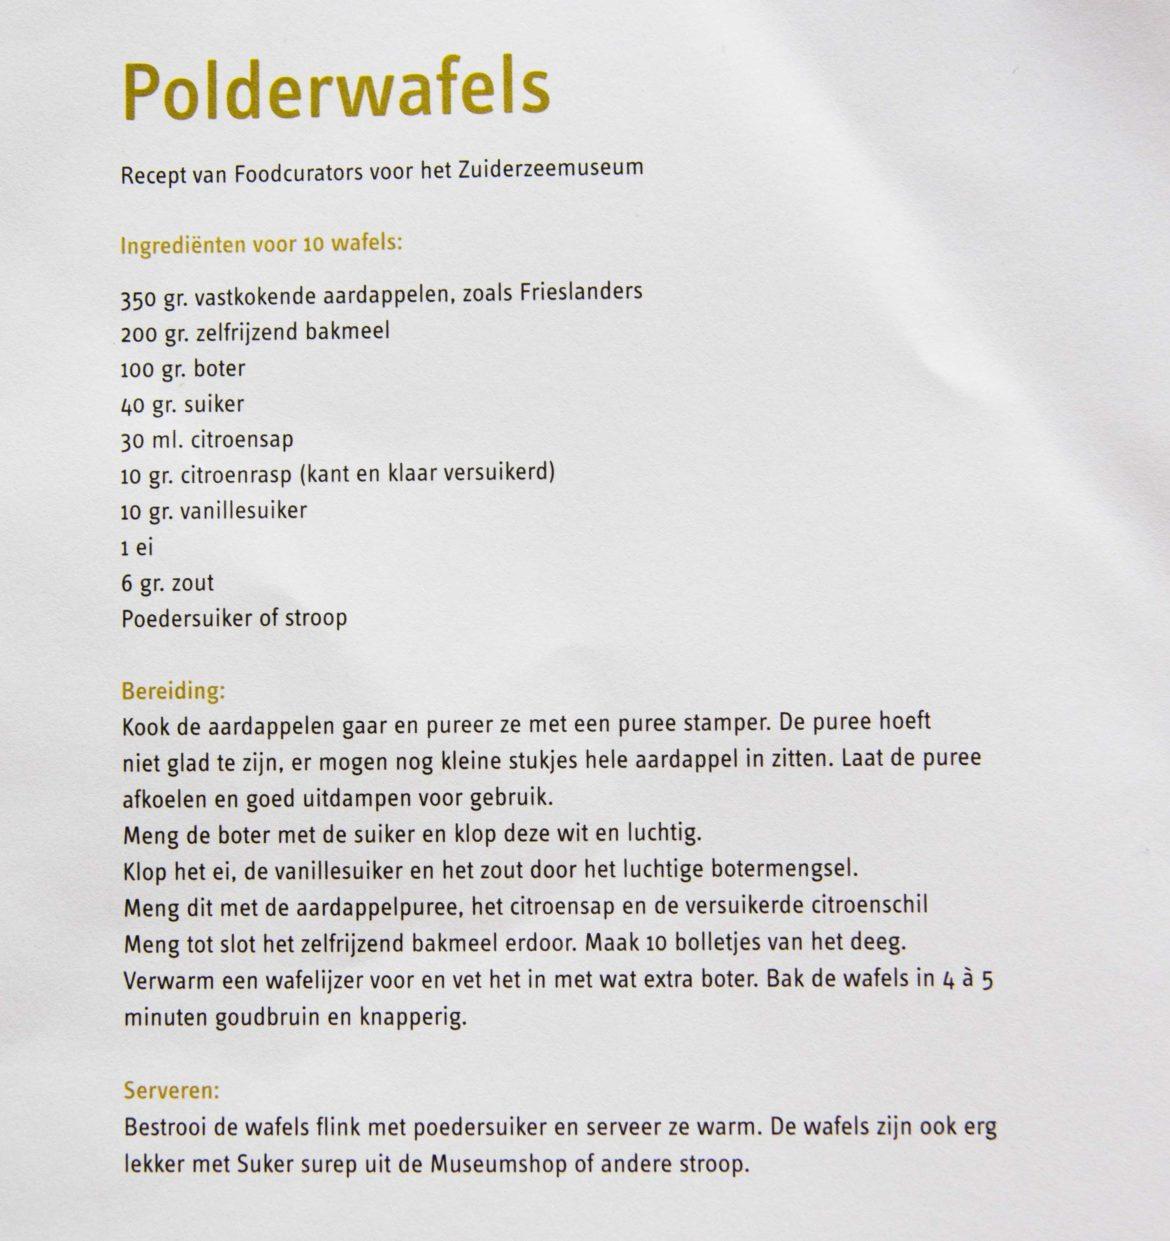 Recept Polderwafels Zuiderzeemuseum